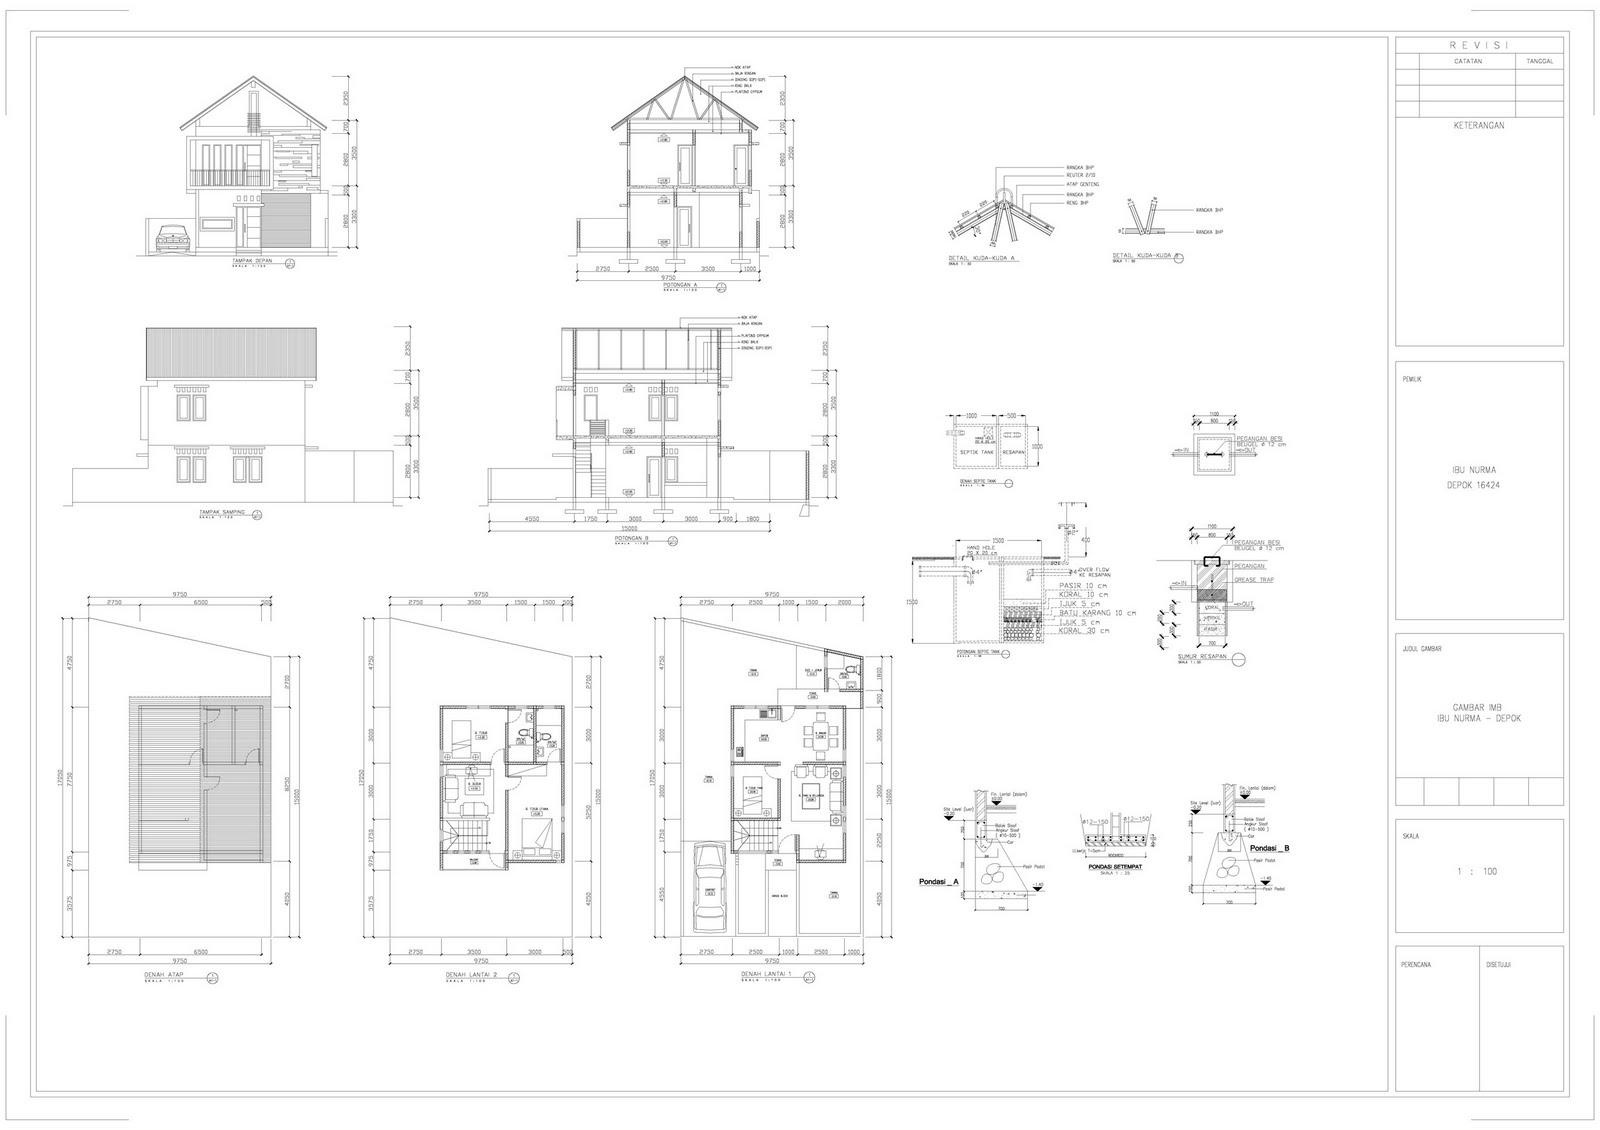 62 Contoh Gambar Rumah Imb Gratis Terbaru